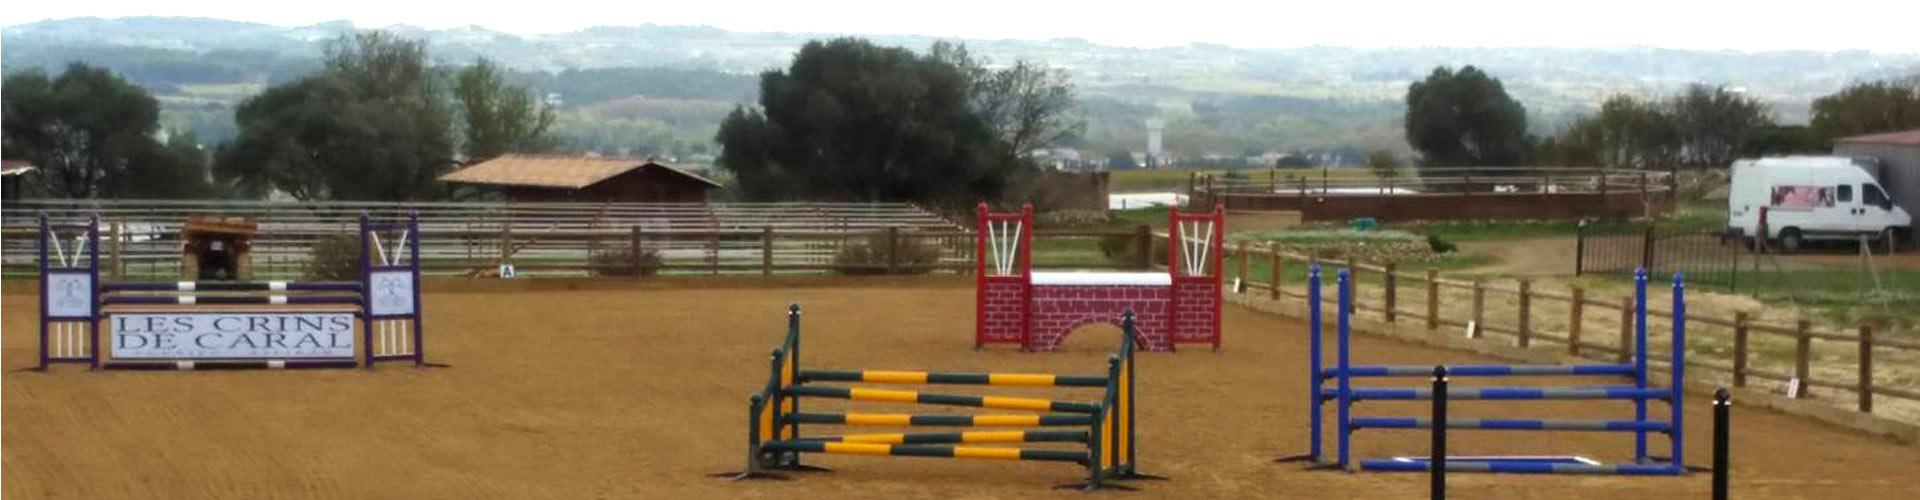 Les crins de caral, pesion pour chevaux à Aspiran dans l'Hérault